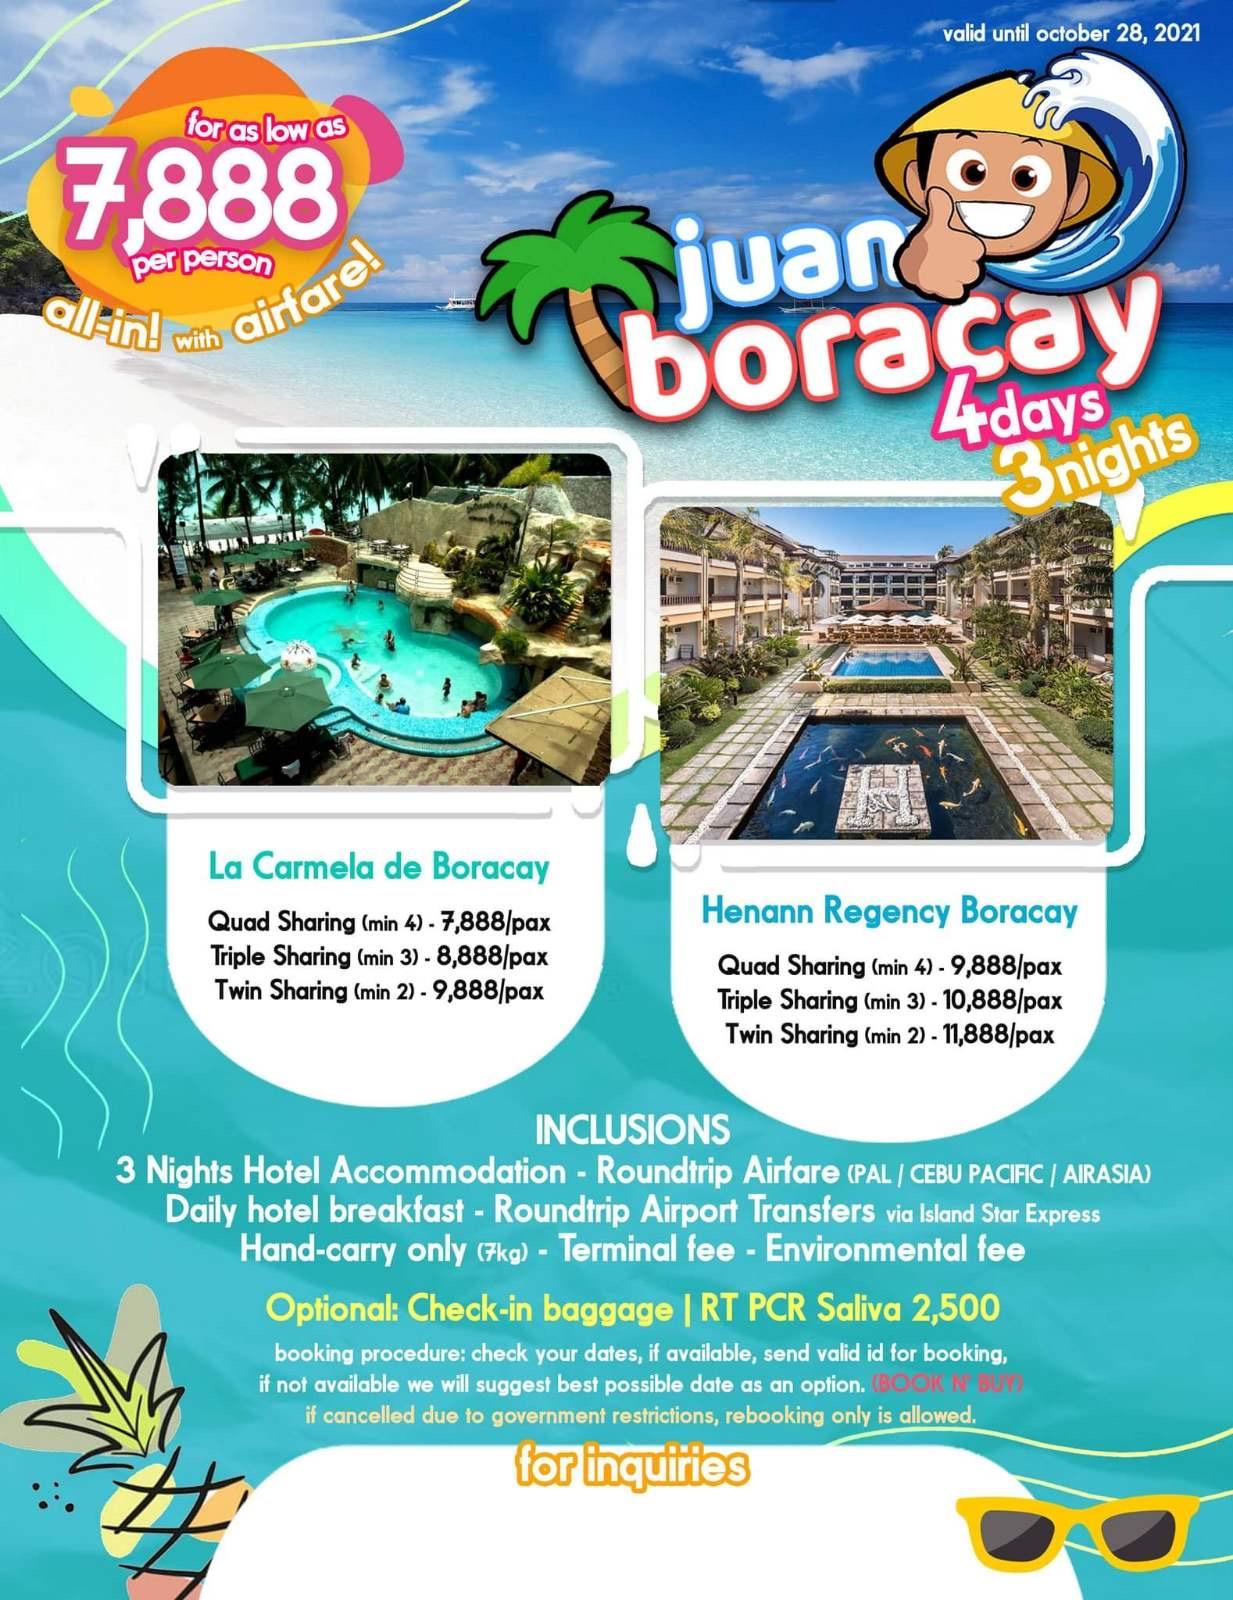 Boracay 4 Days 3 Nights